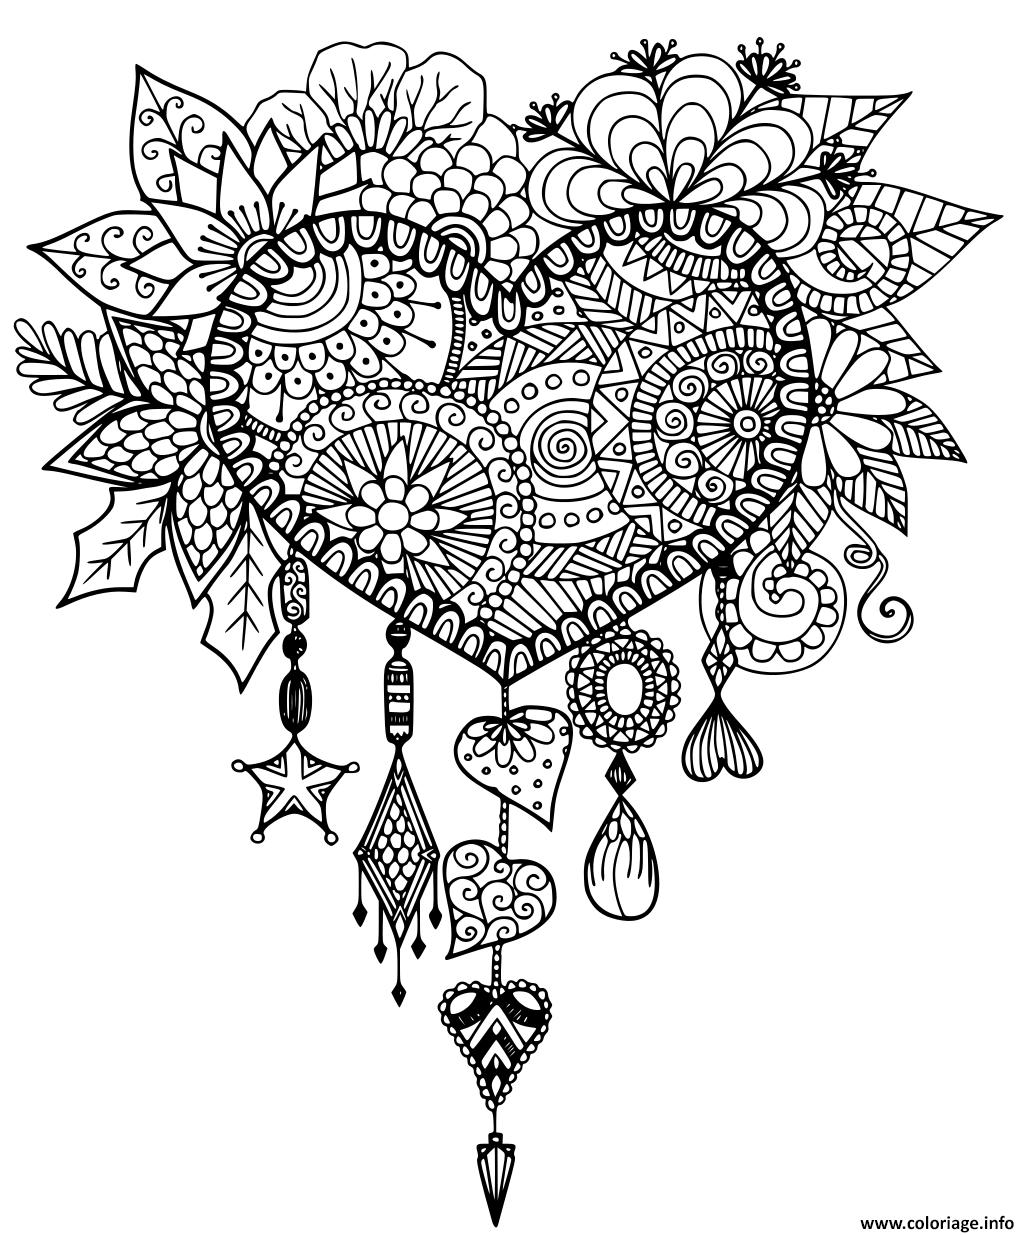 Coloriage Coeur Adulte Saint Valentin Zentangle dessin